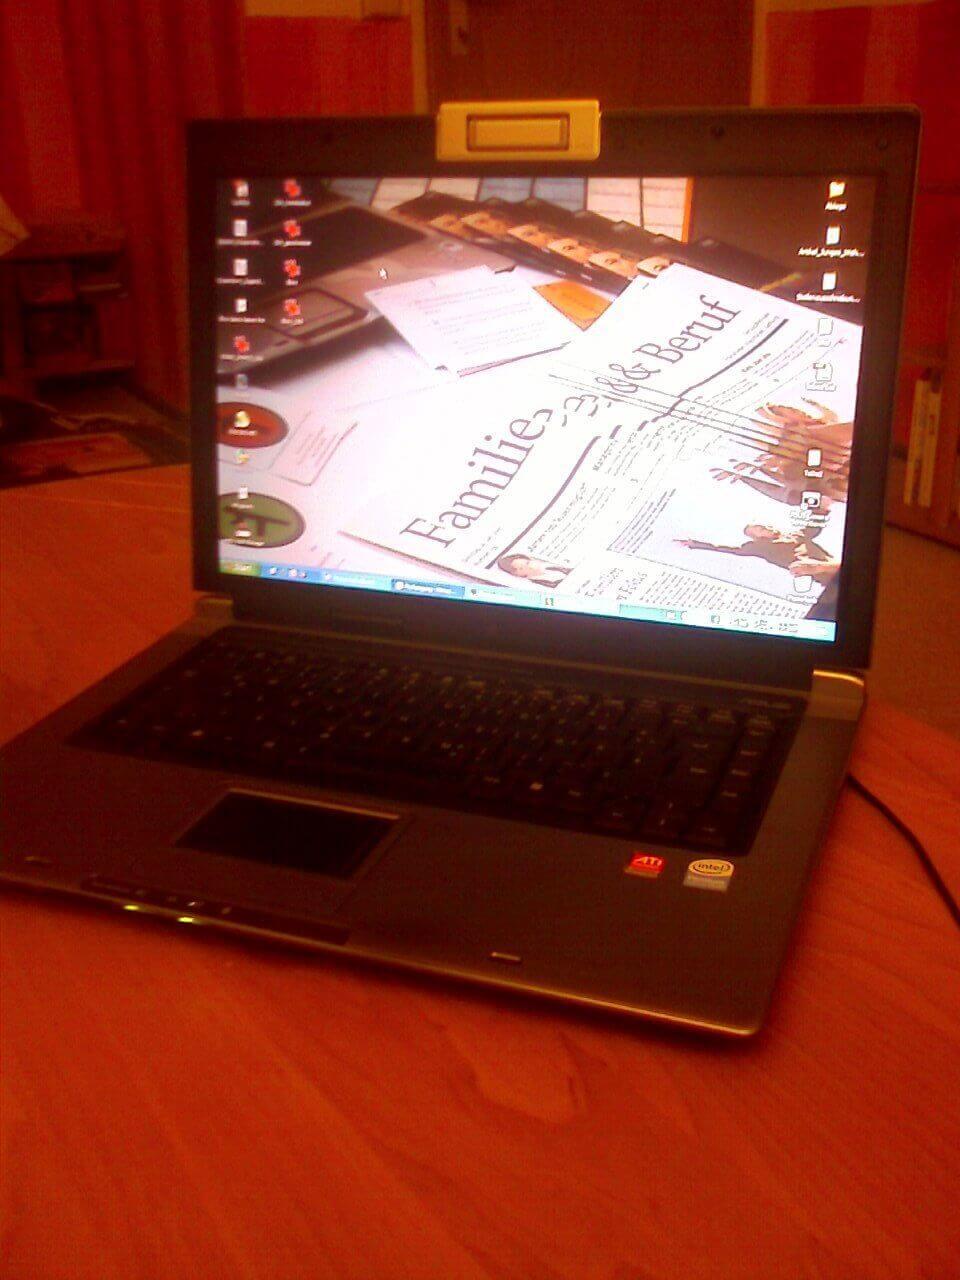 Laptop Computer Vereinbarkeit (c) familienfreund.de